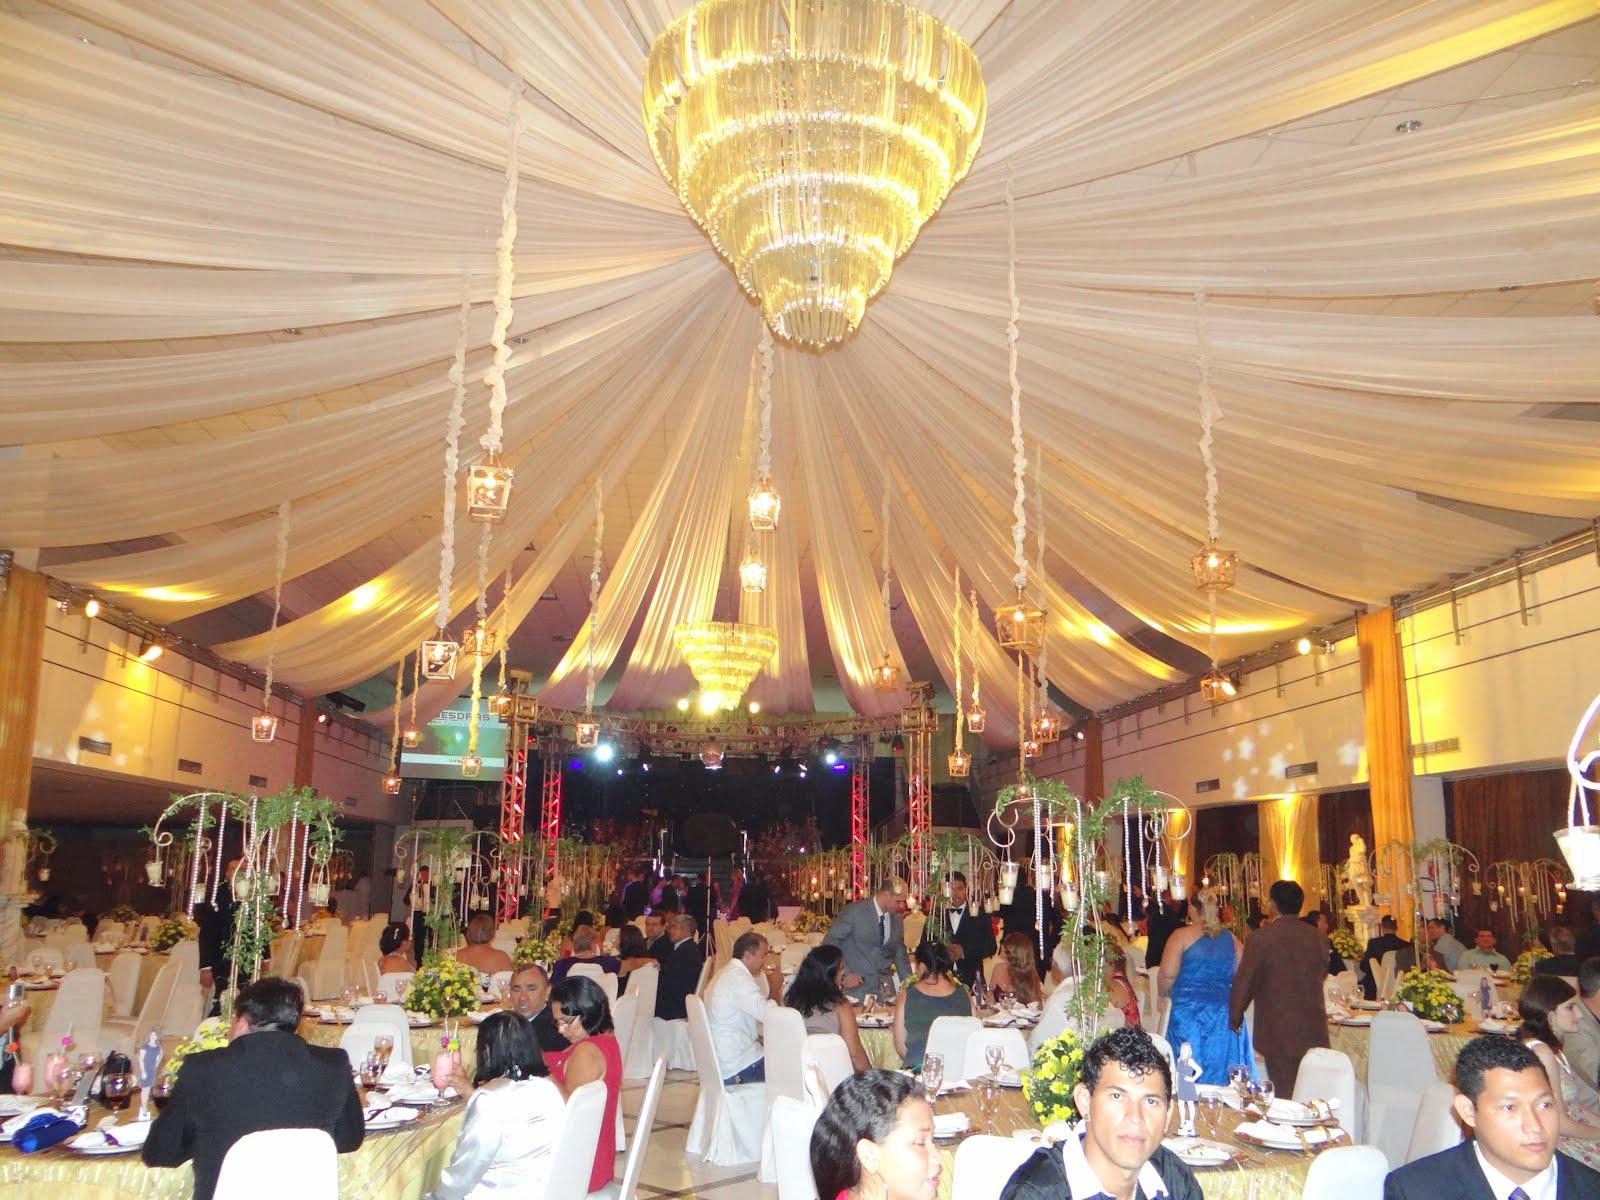 decoracao festa grega:Sunshine Cerimonial e Assessoria de Eventos em Manaus: Festa Grega (21